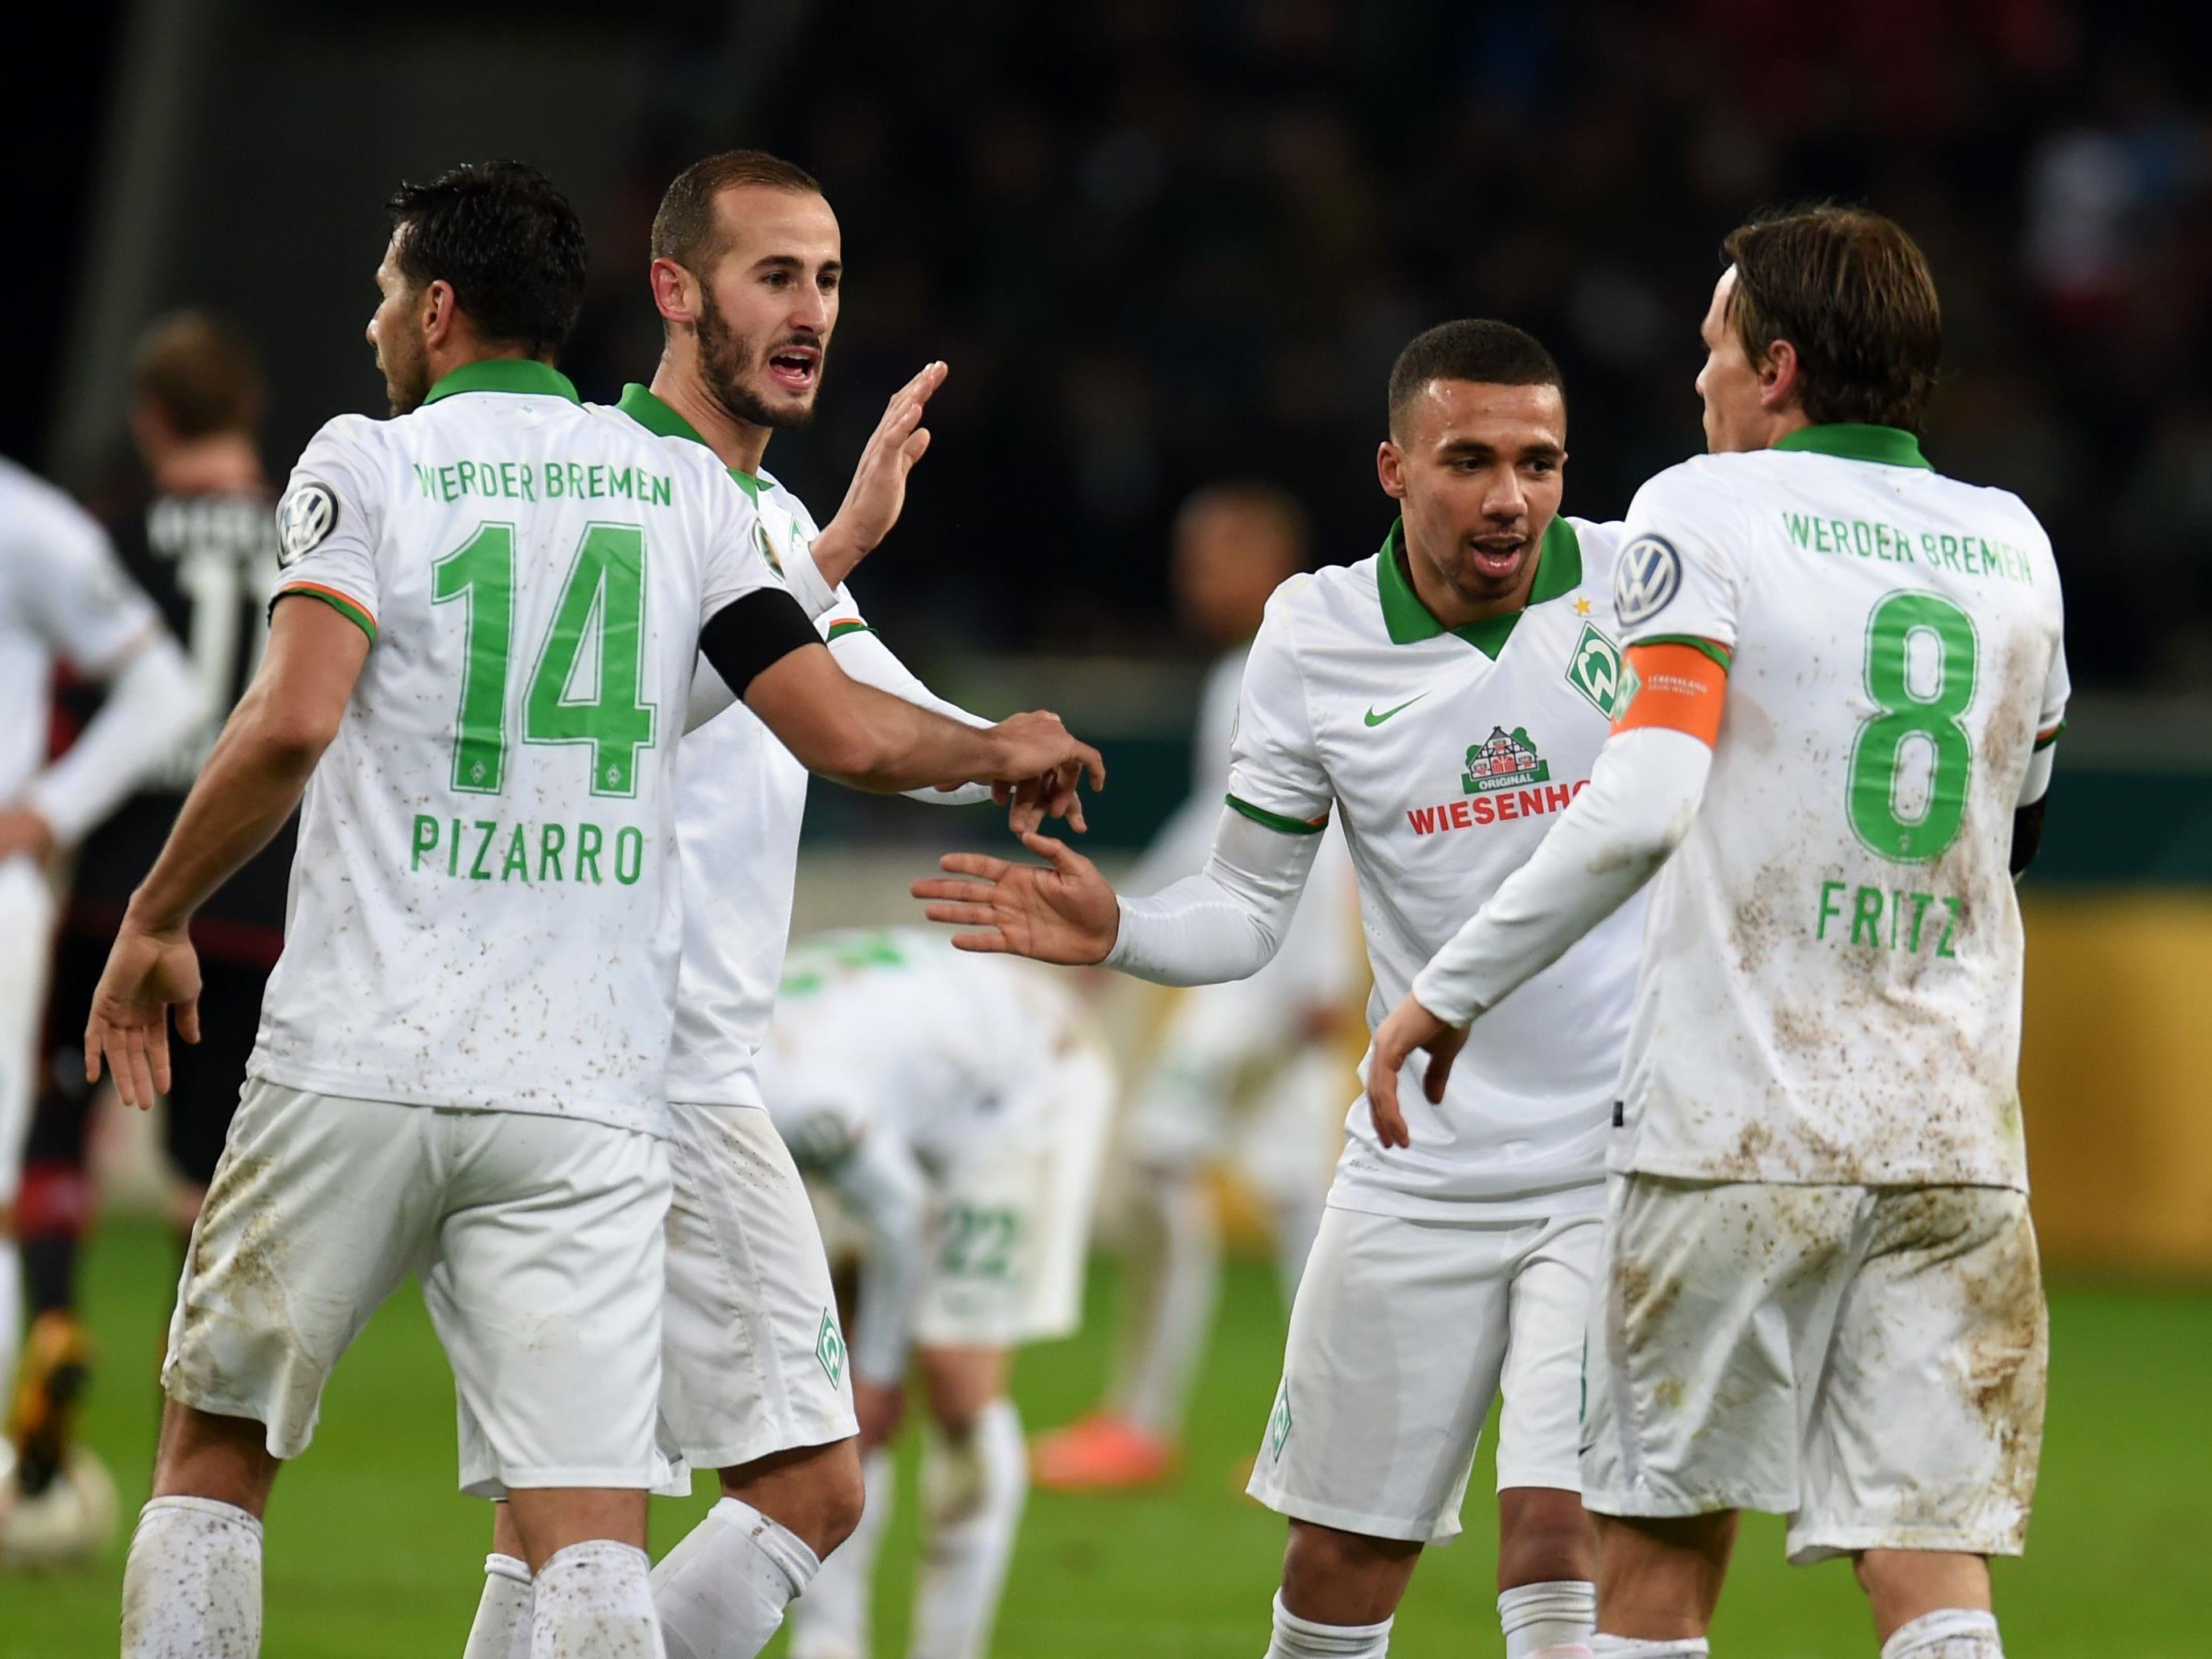 Selten war die Brisanz so groß wie vor dem 100. Bundesliga-Duell zwischen Werder Bremen und dem VfB Stuttgart.